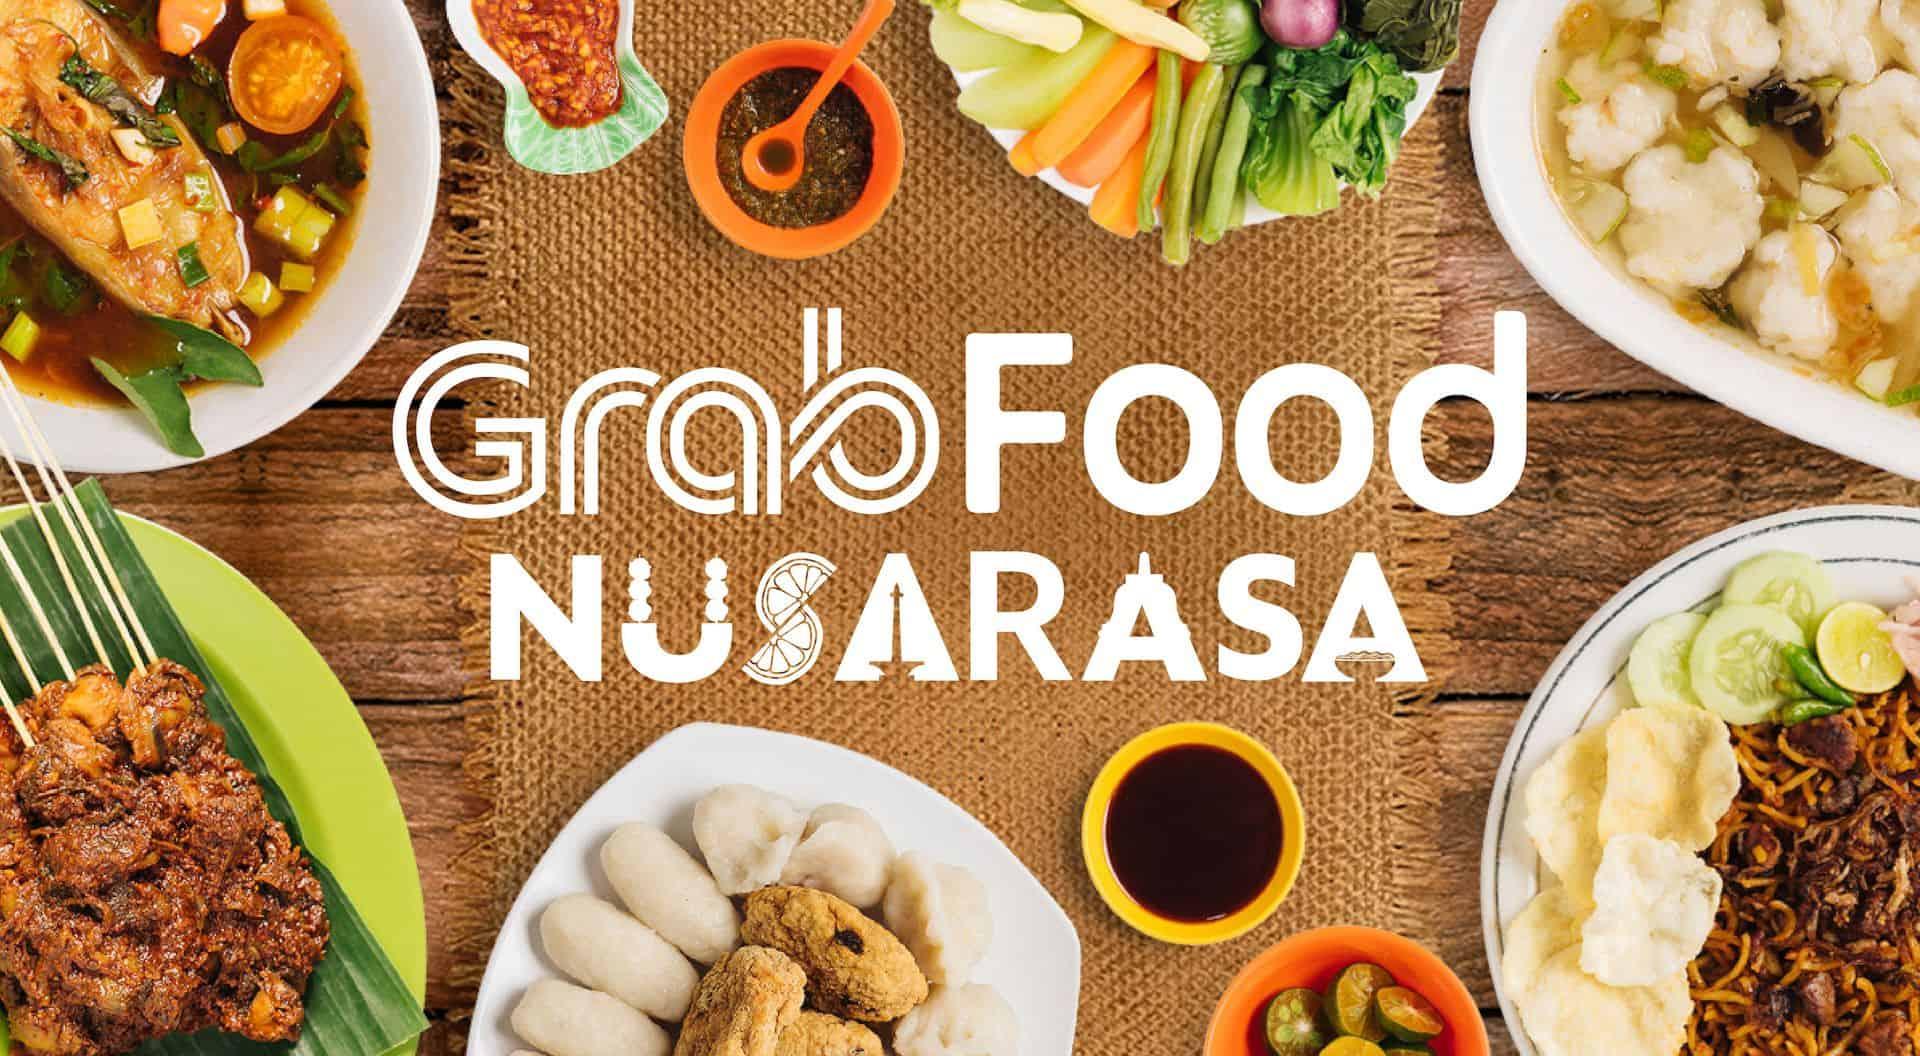 Grab Persembahkan Grabfood Nusarasa Untuk Rayakan Keragaman